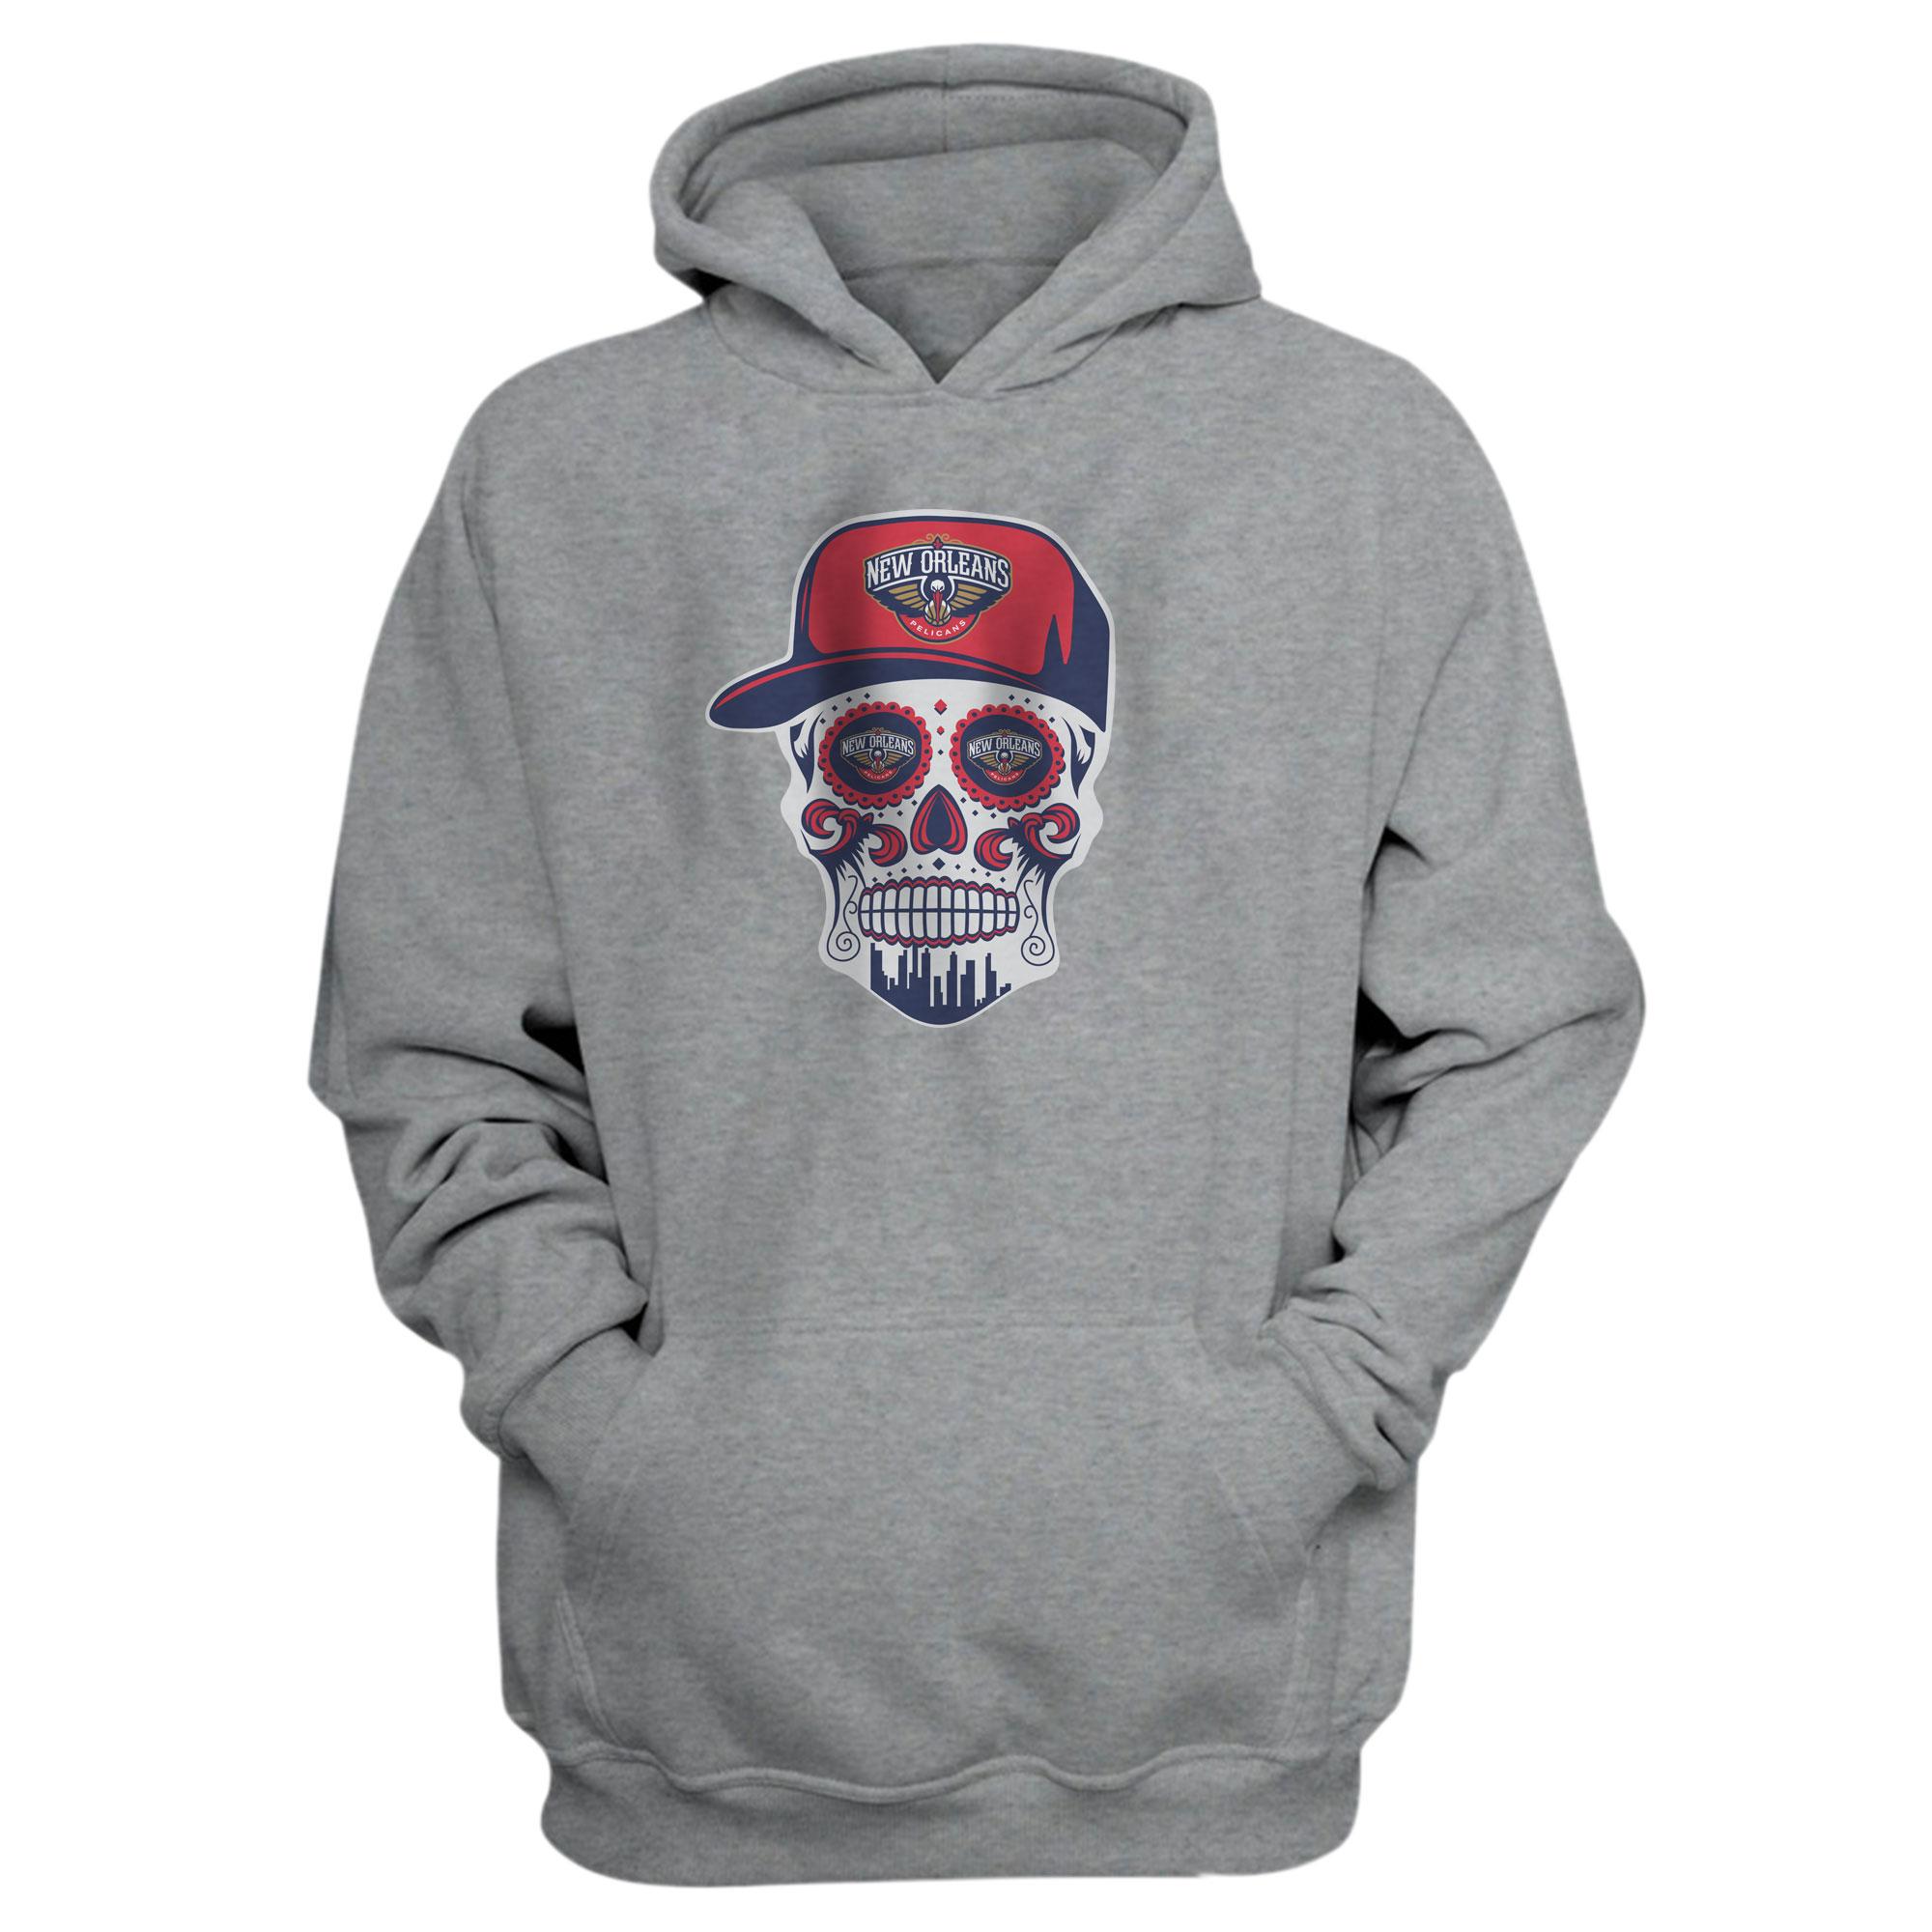 Pelicans Skull Hoodie (HD-GRY-NP-460-NBA-NOLA-SKULL)